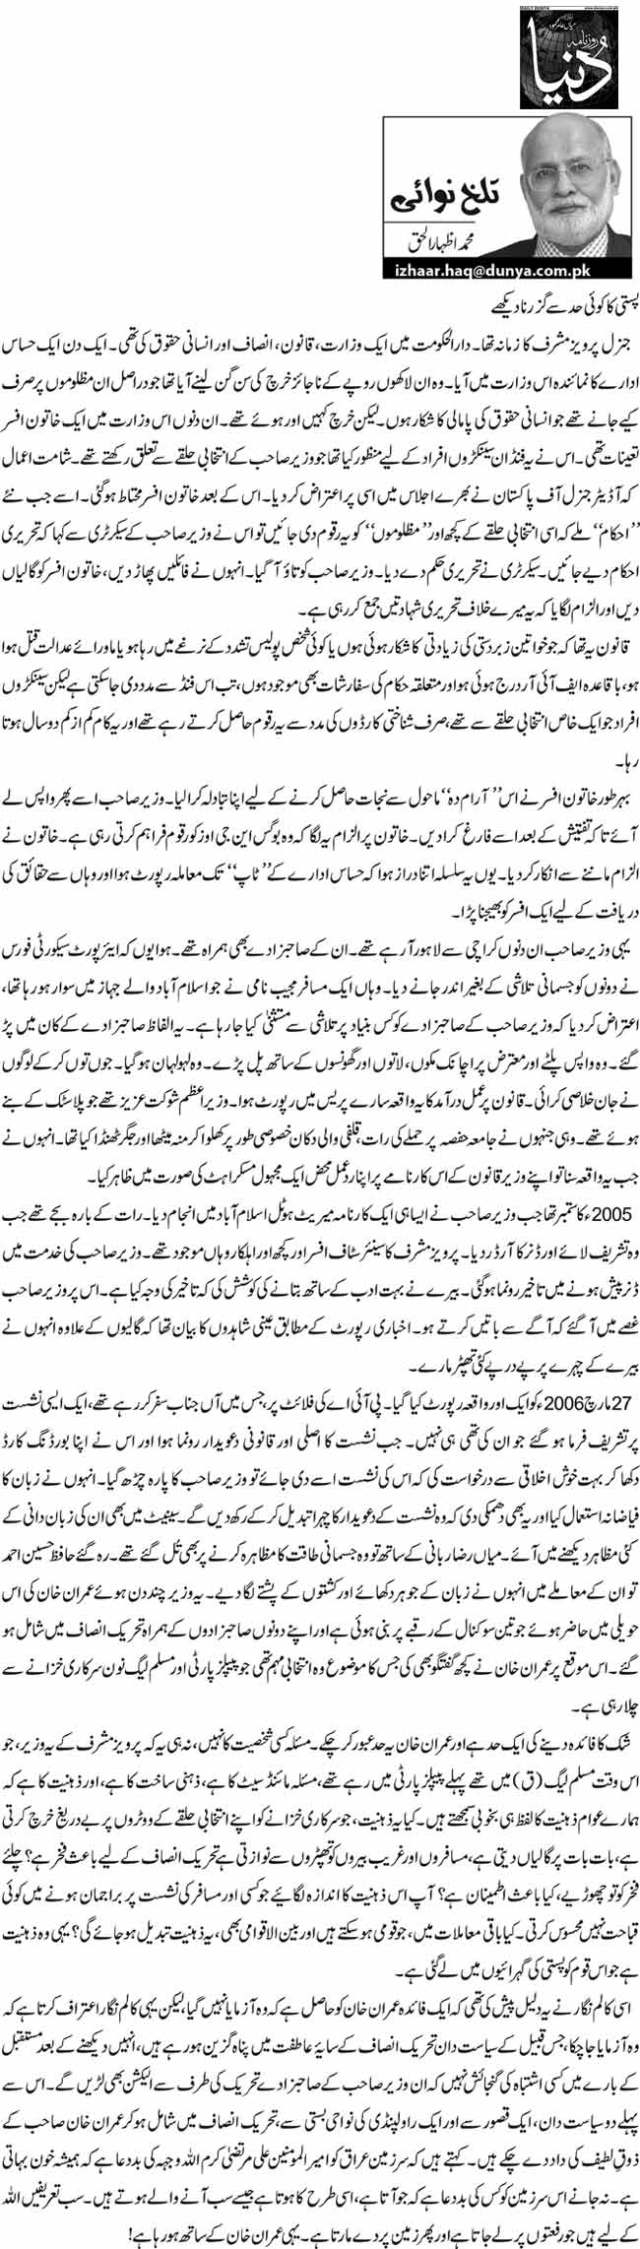 Pasti ka koi had se guzarna daikhay - M. Izhar ul Haq